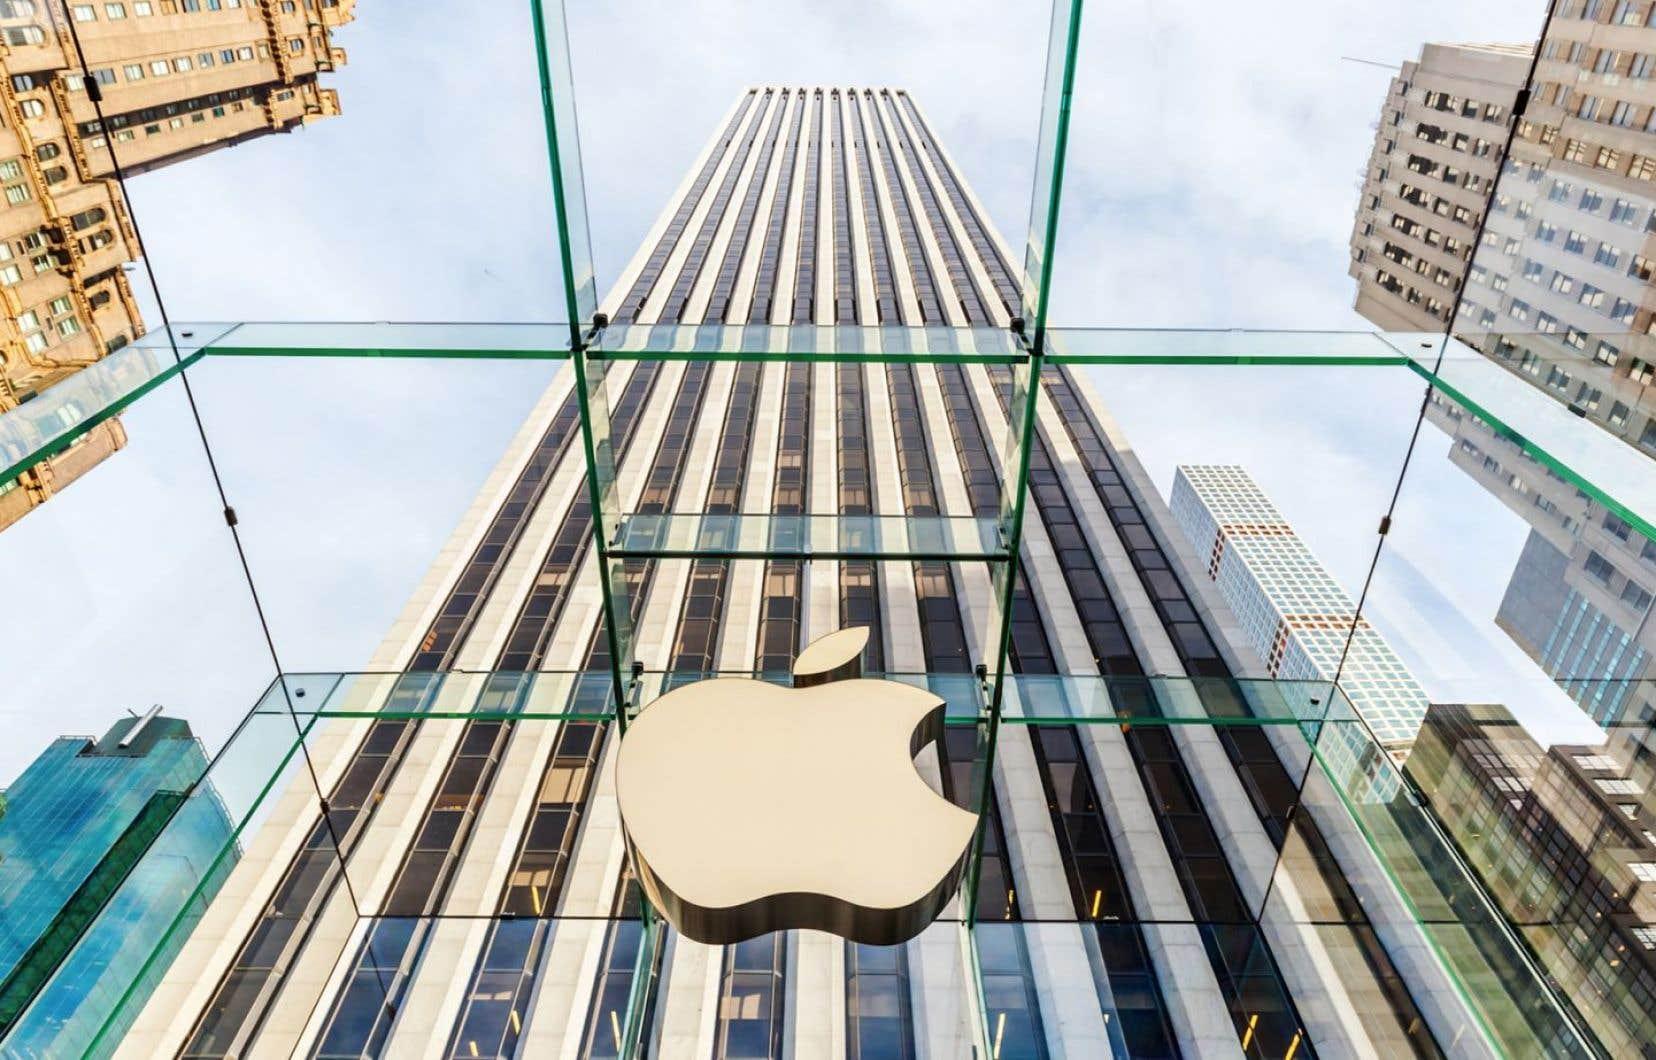 Le géant Apple arrive en tête du classement avec plus de 200 milliards stockés «offshore».